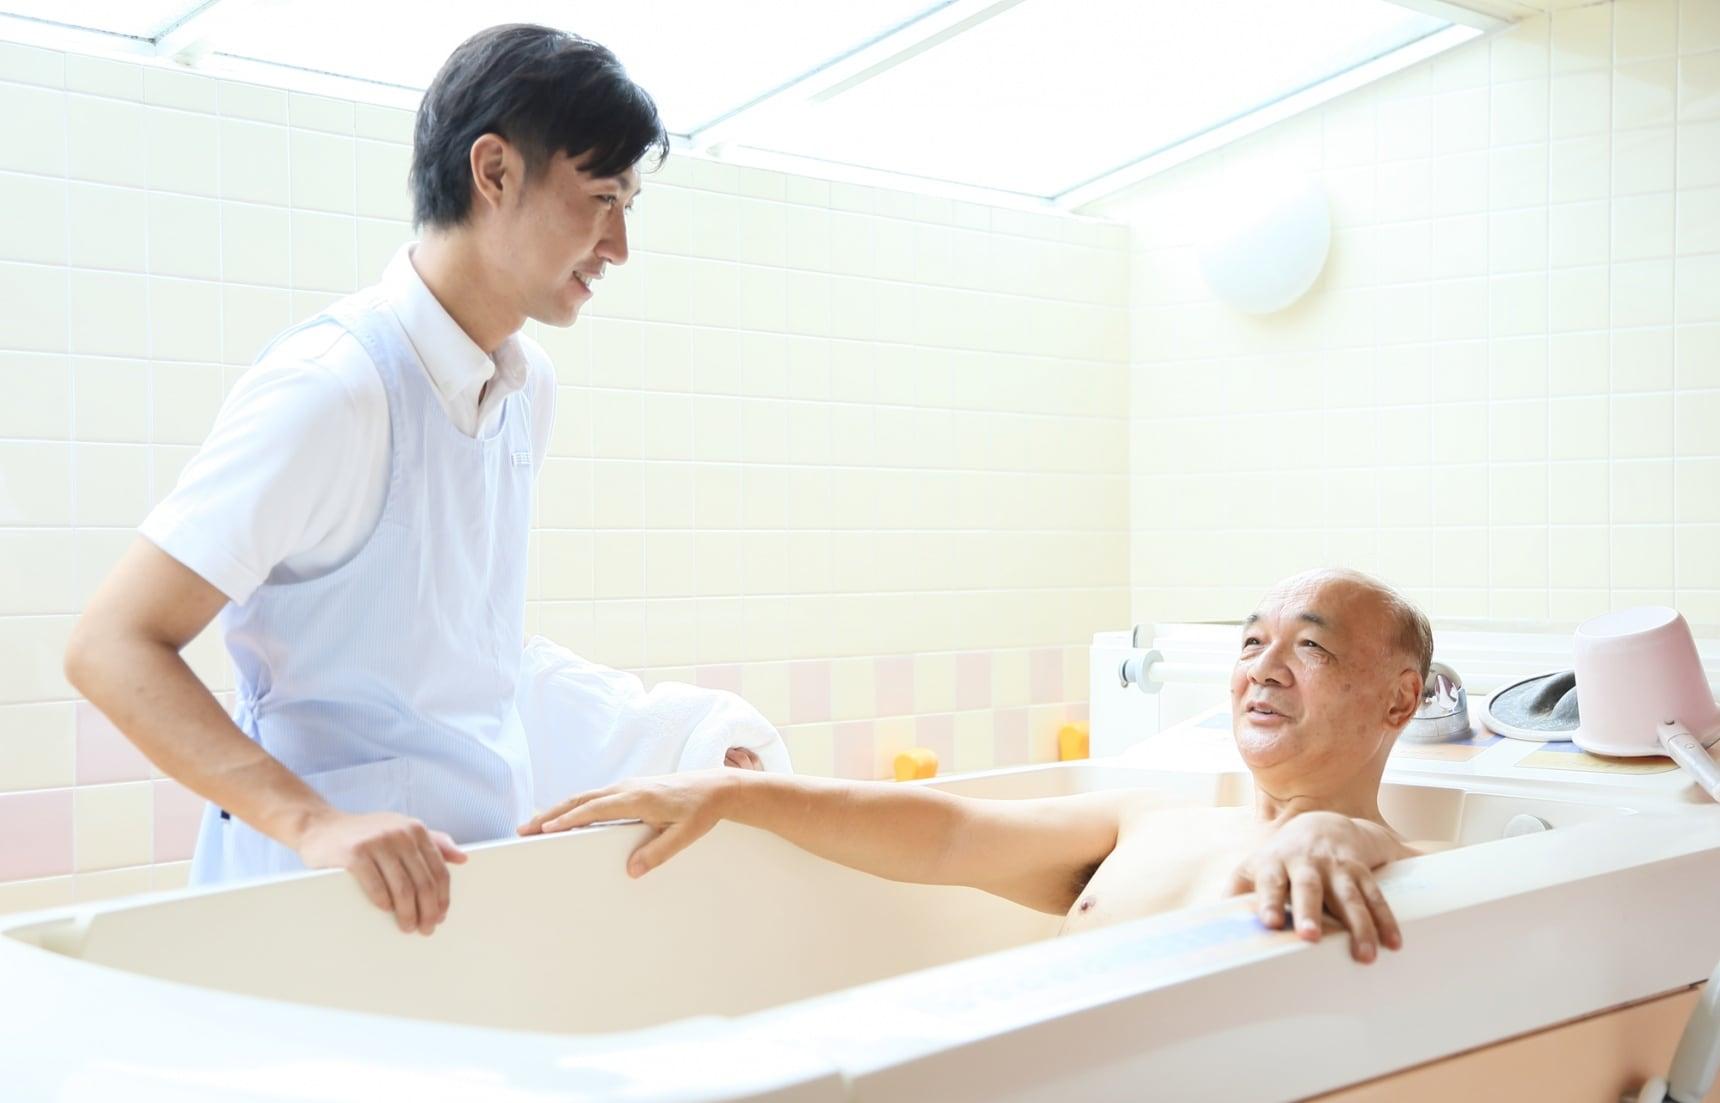 อาวุโสโอเค มาเตรียมเข้าสังคมผู้สูงอายุแบบเจแปน